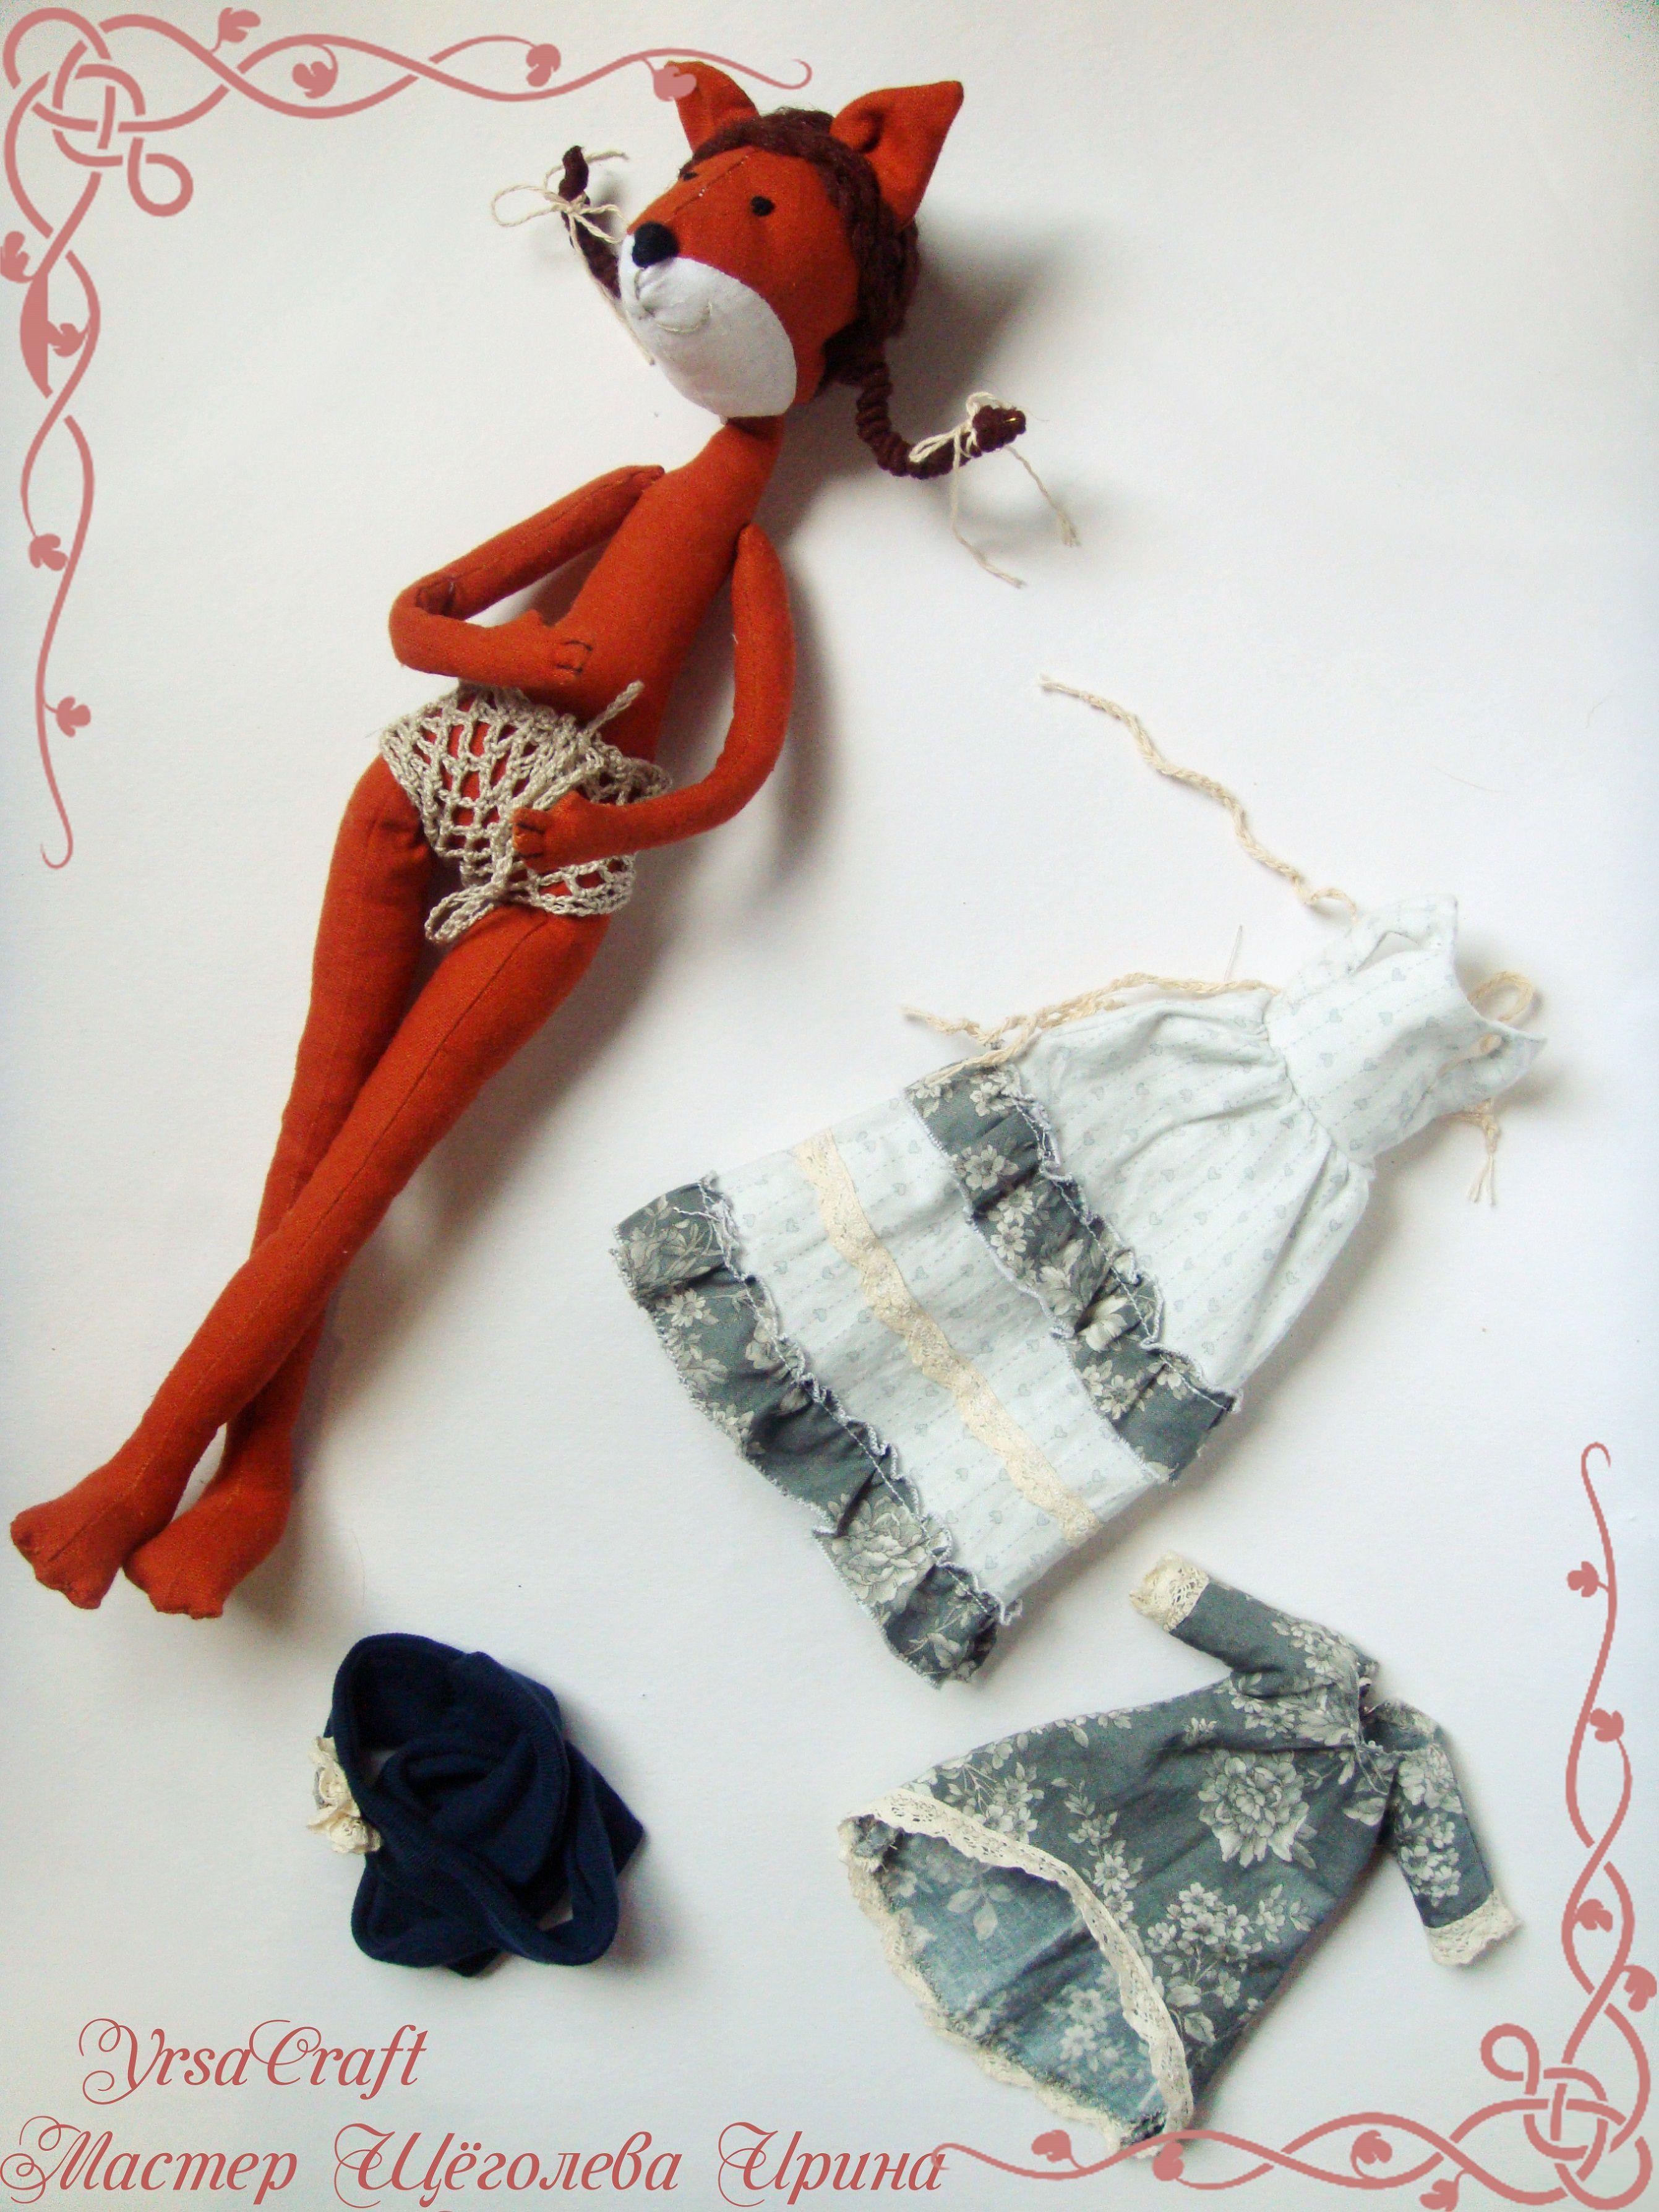 куклалиса подарокдлядевочки авторскаякукла купитьподарок рыжий  купитькуклу игрушка текстильнаякукла кукла handmade лиса подарокдлядевушки ручнаяработа интерьернаякукла